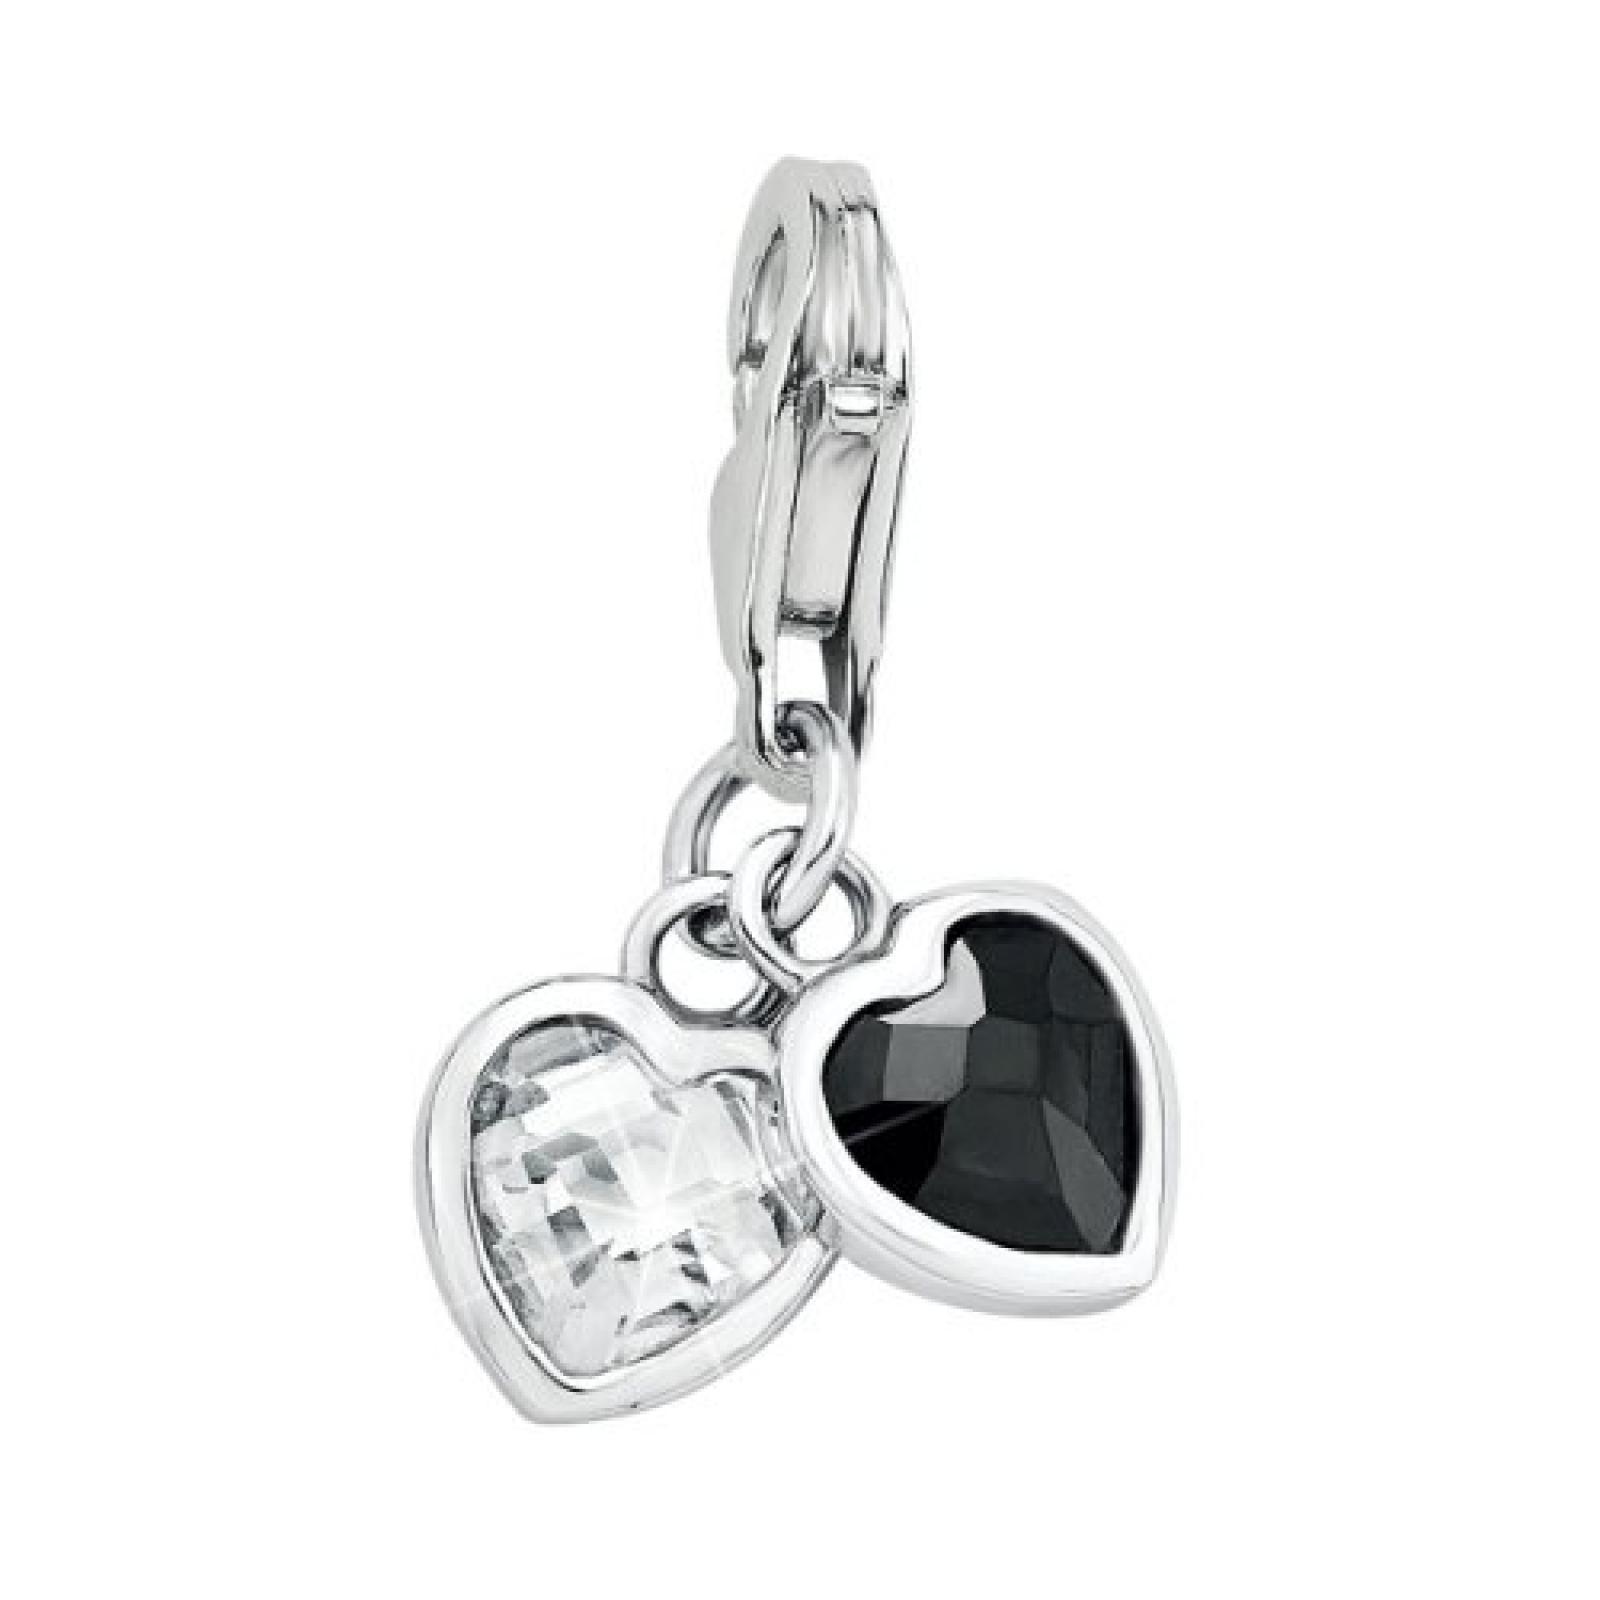 s.Oliver Jewels Damen-Charm 925 Sterling Silber 464871